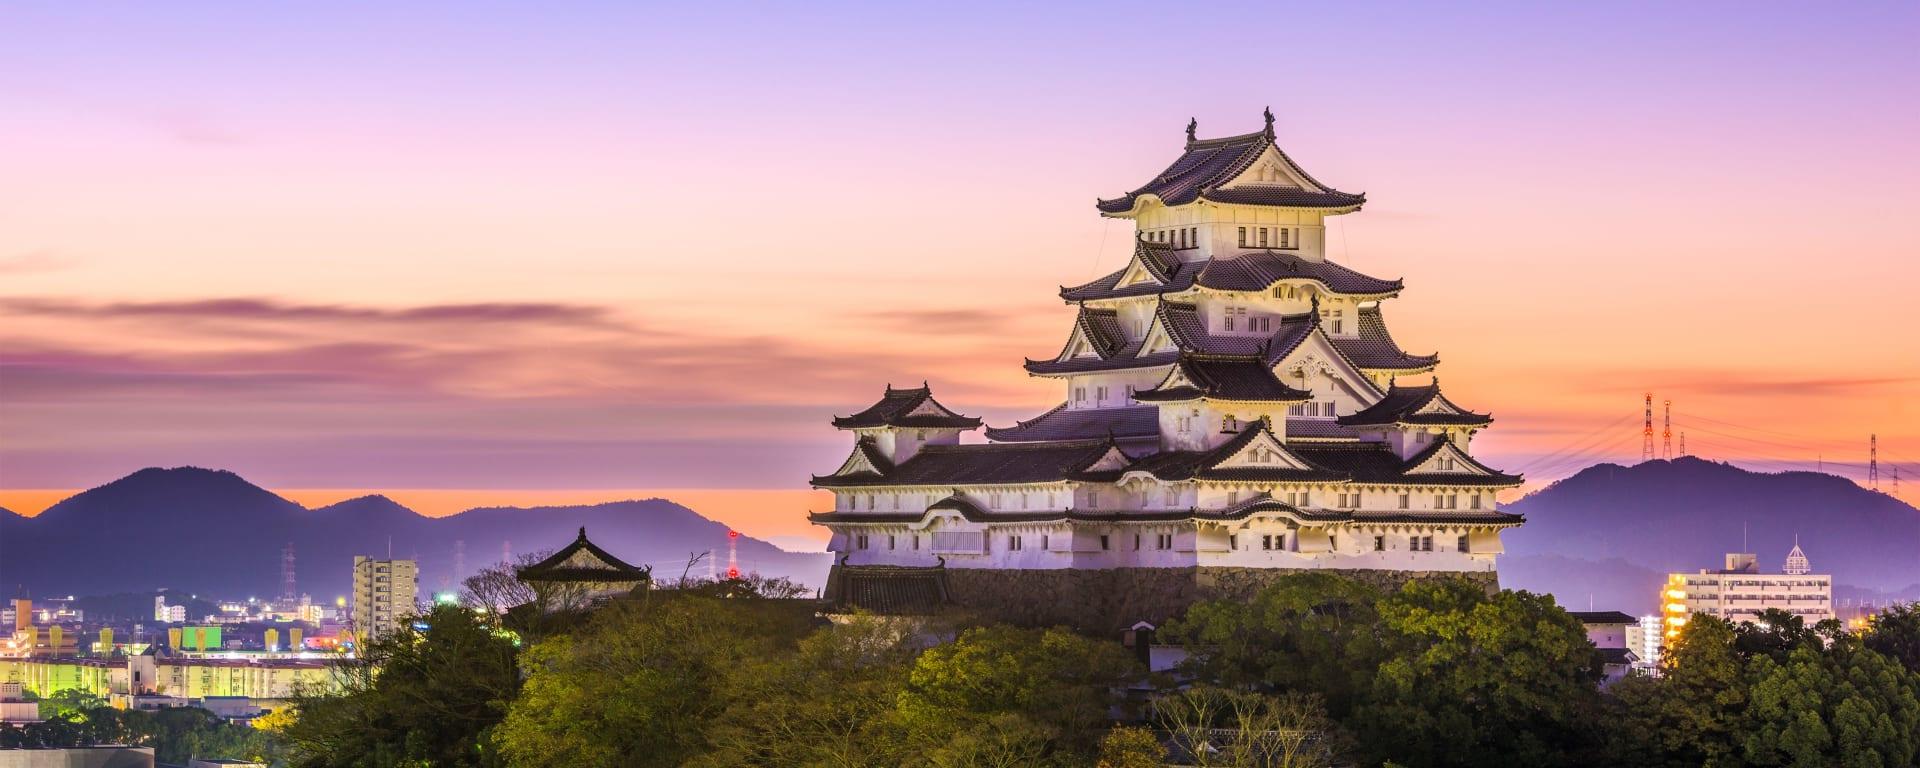 Japan entdecken mit Tischler Reisen: Japan Himeji Burg